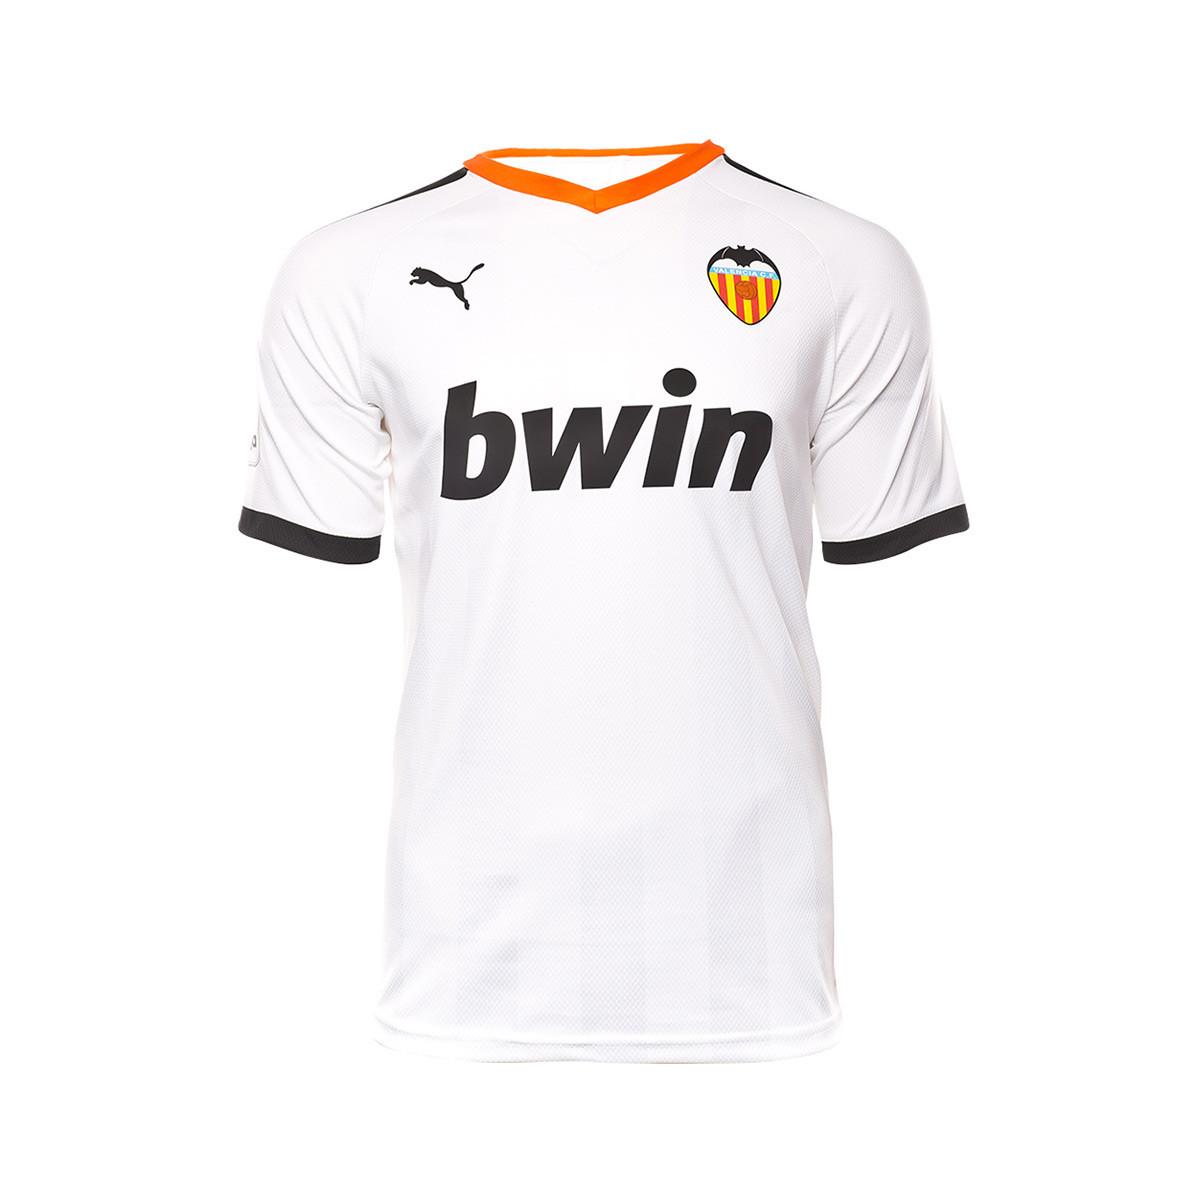 Demon Play Vacante virar  Camiseta Puma Valencia CF Pro Primera Equipación 2019-2020 Puma white-Puma  black-Vibrant orange - Tienda de fútbol Fútbol Emotion